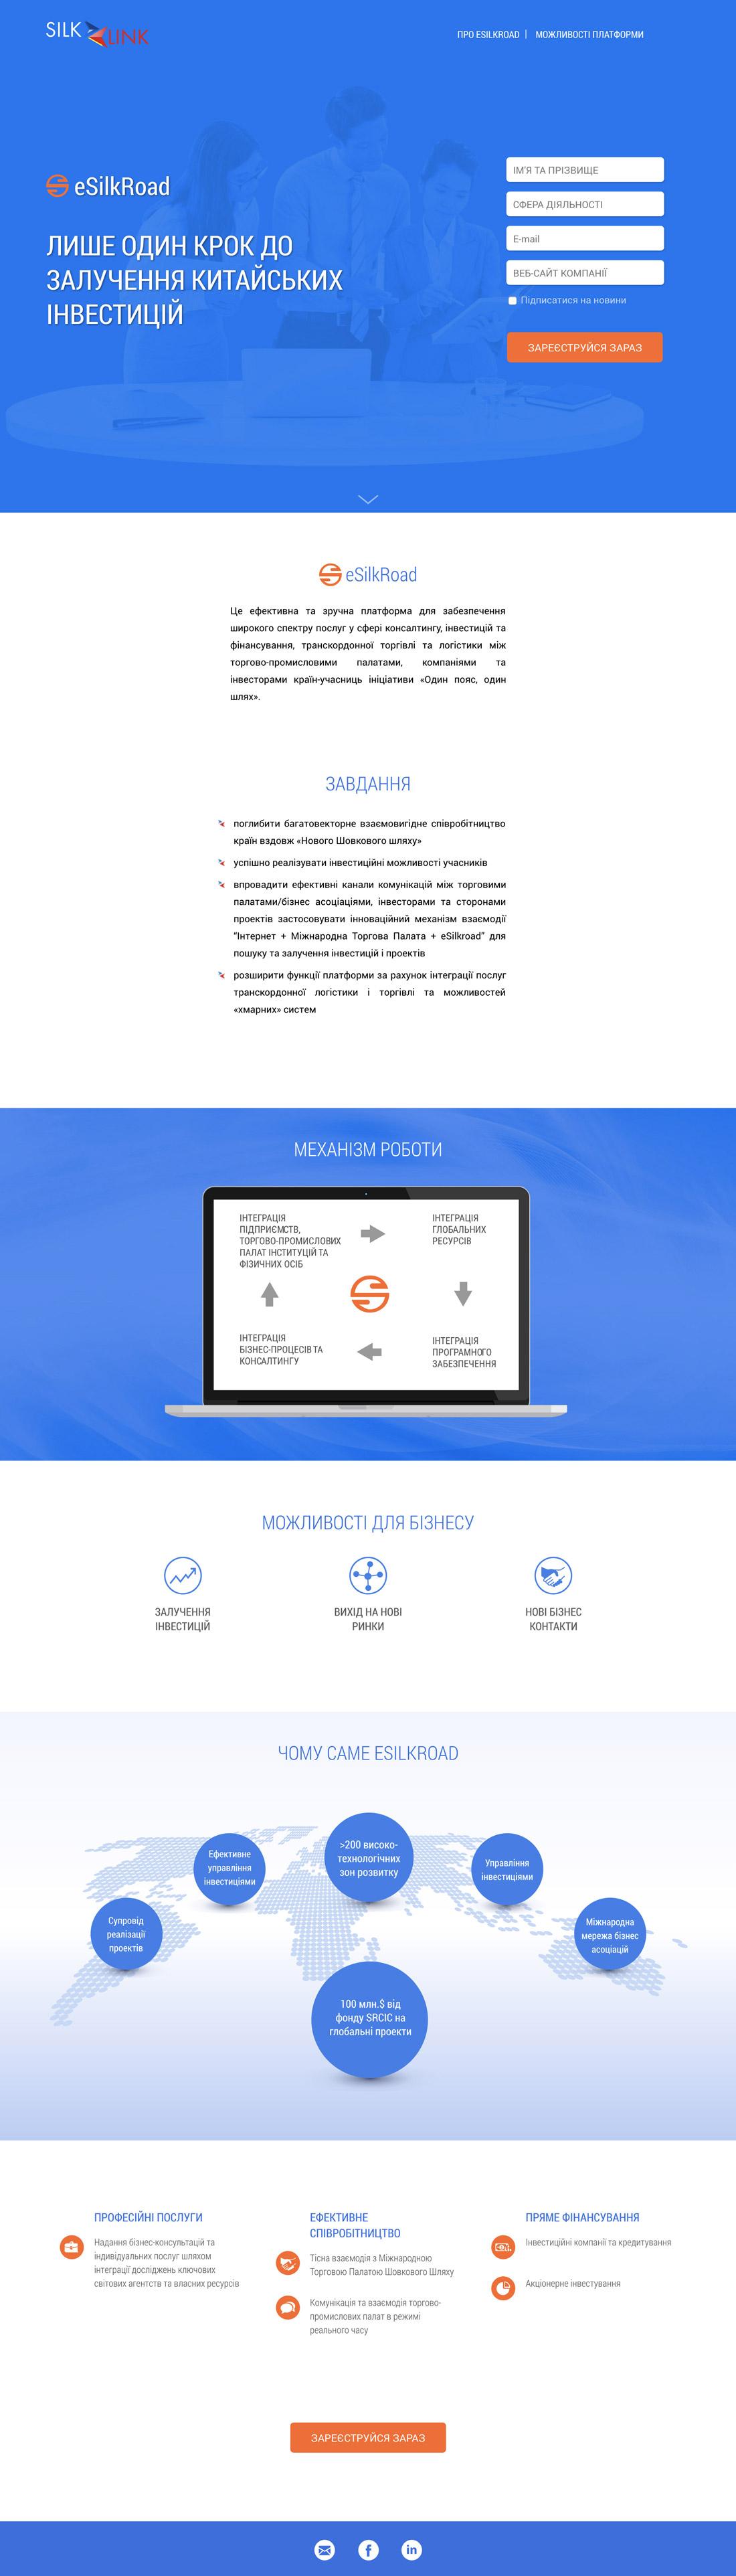 Фото Создание сайта: дизайн, верстка, установка и настройка CMS.